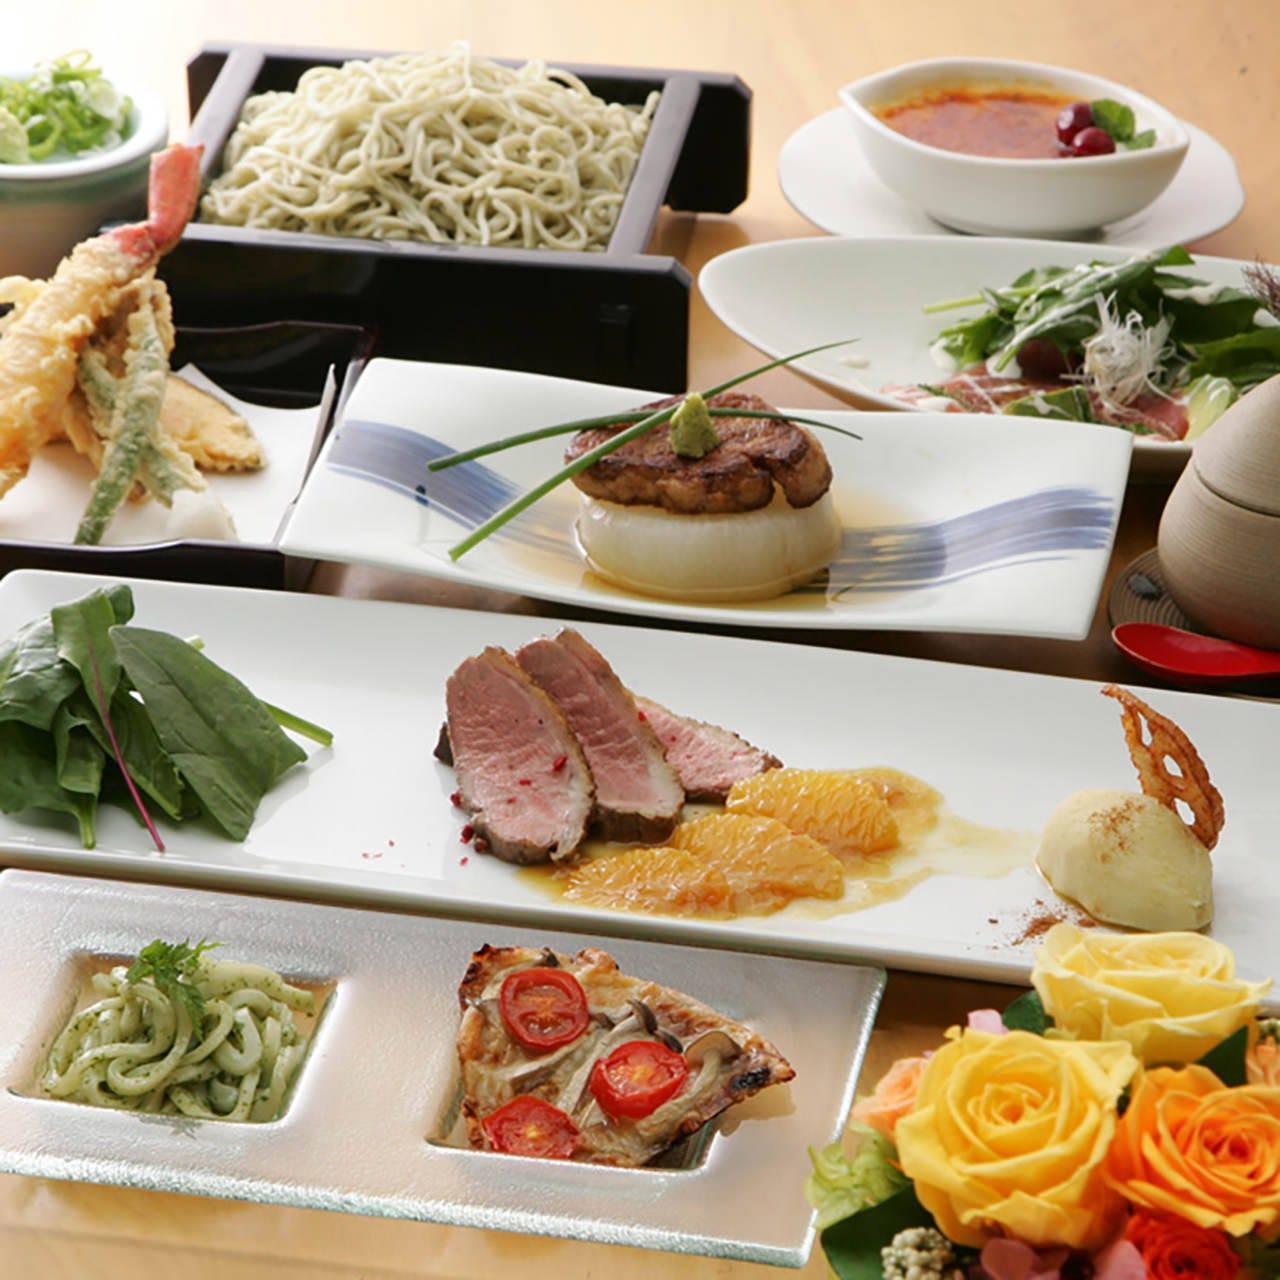 お顔合わせコースは旬の食材を使った創作料理をご提供いたします